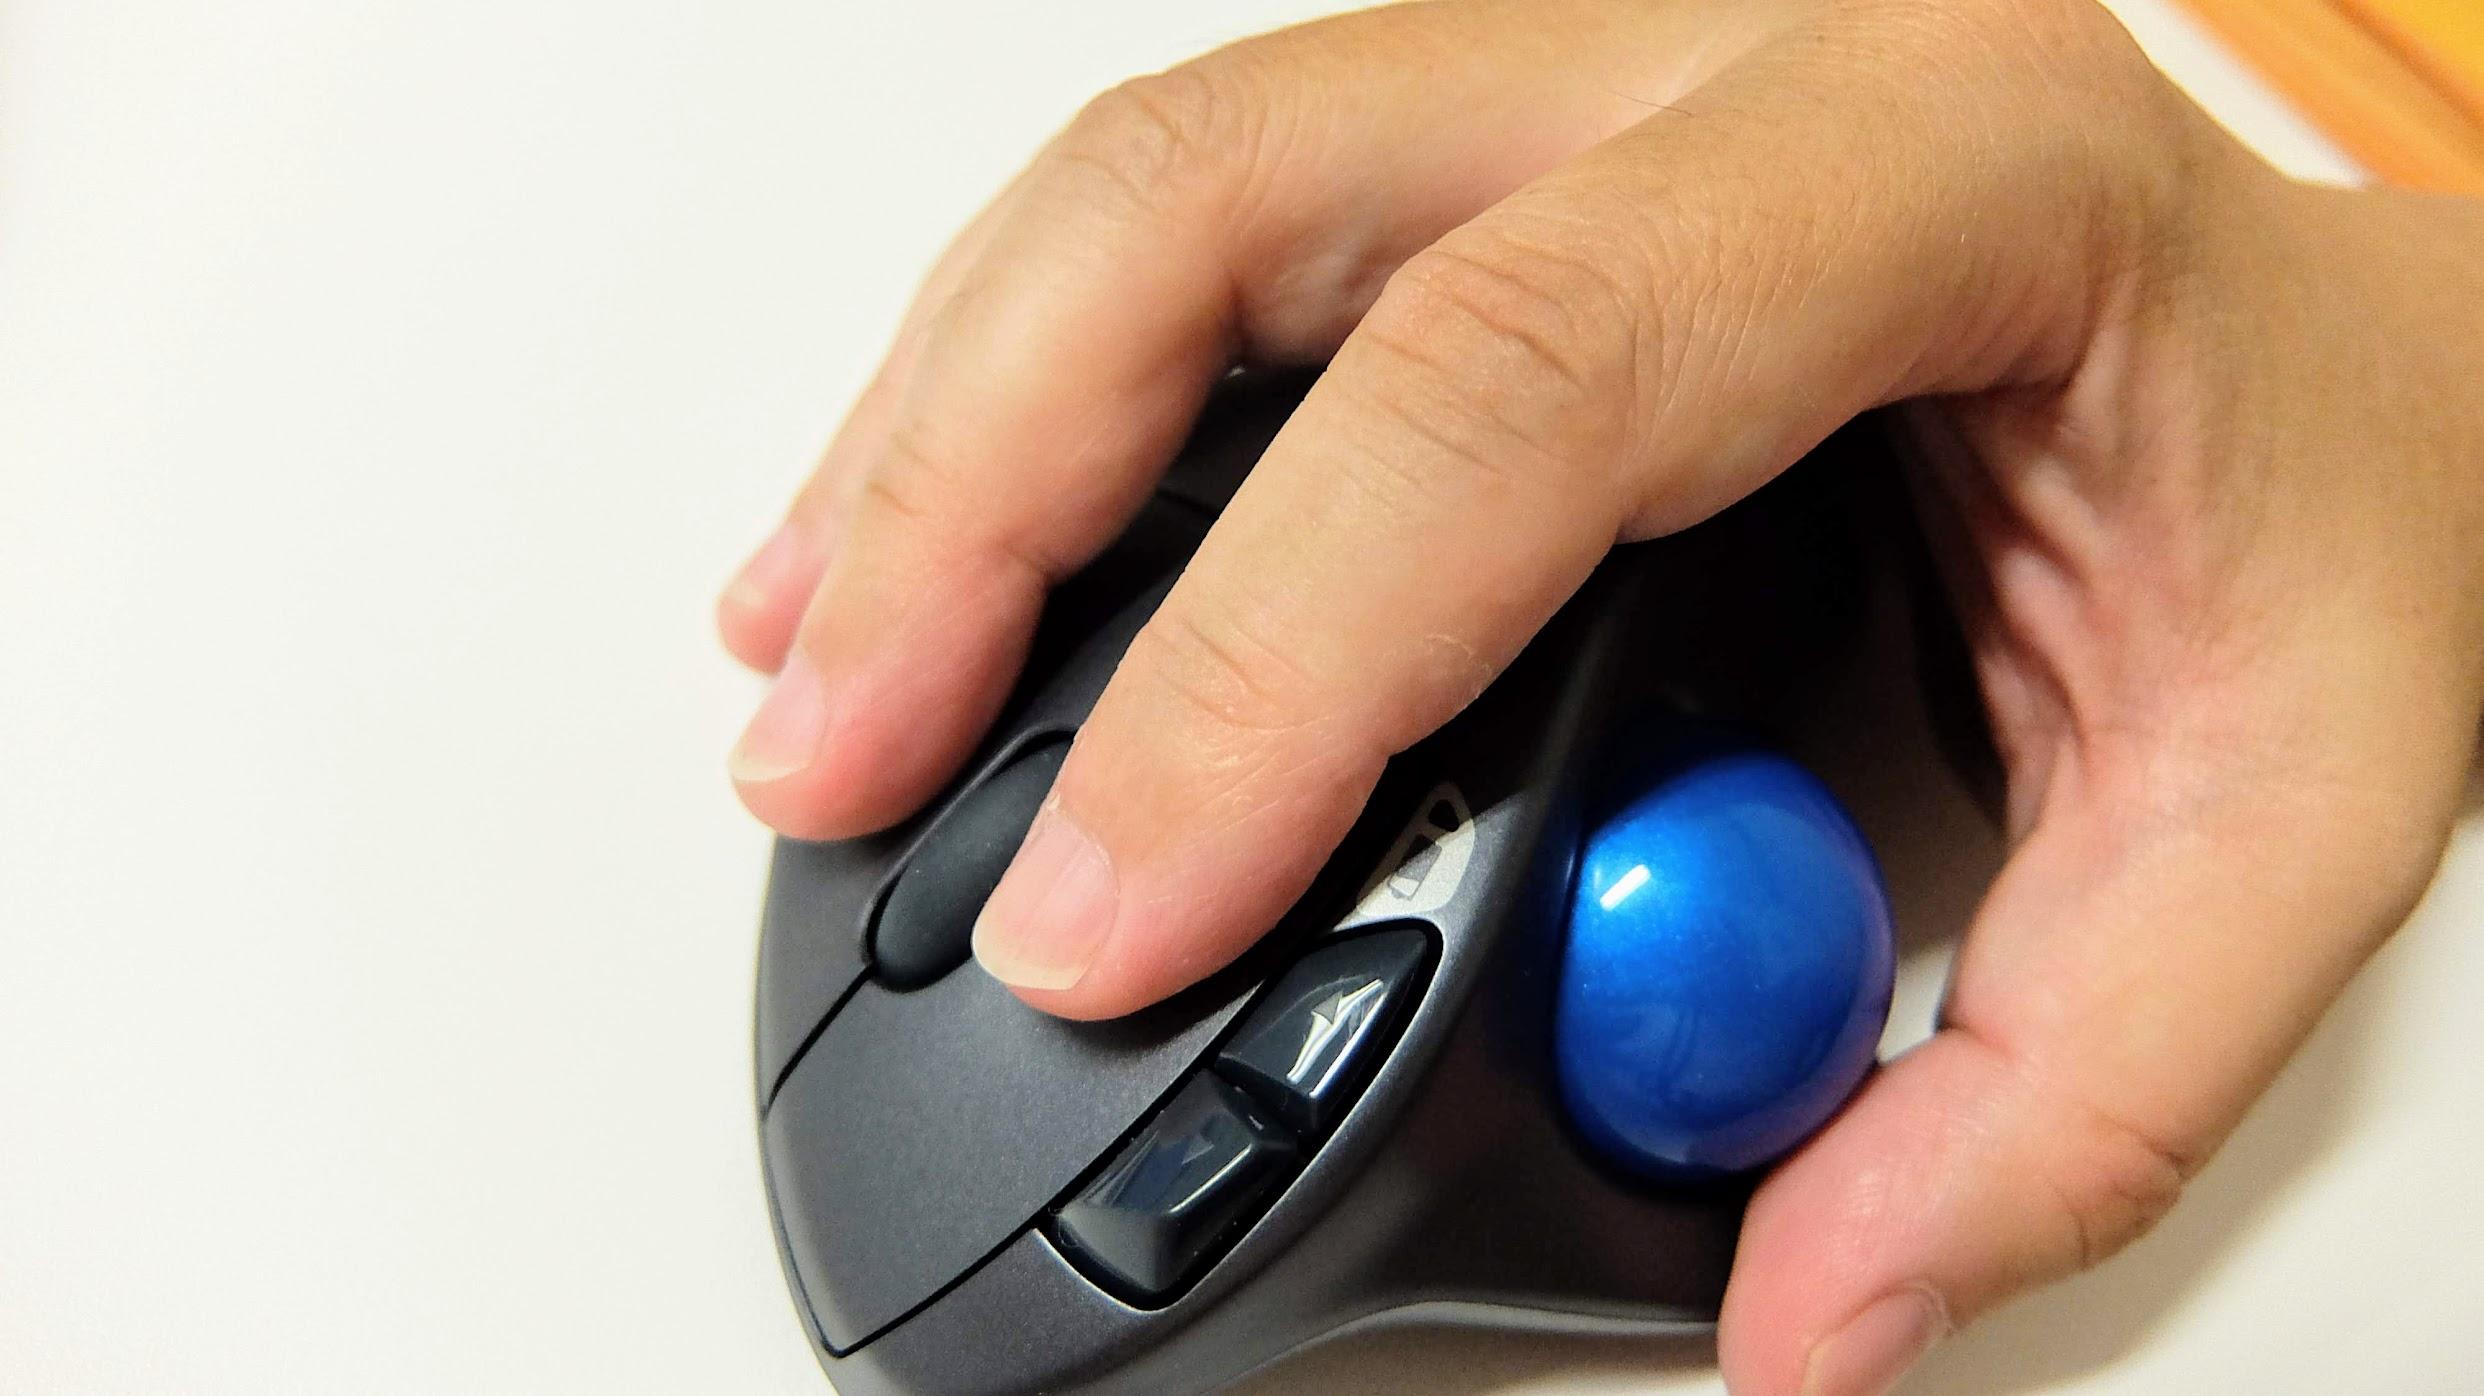 是小藍球! 拇指控制,再做一般瀏覽沒啥問題,打電動的話也還ok,總之習慣後什麼都可以囉